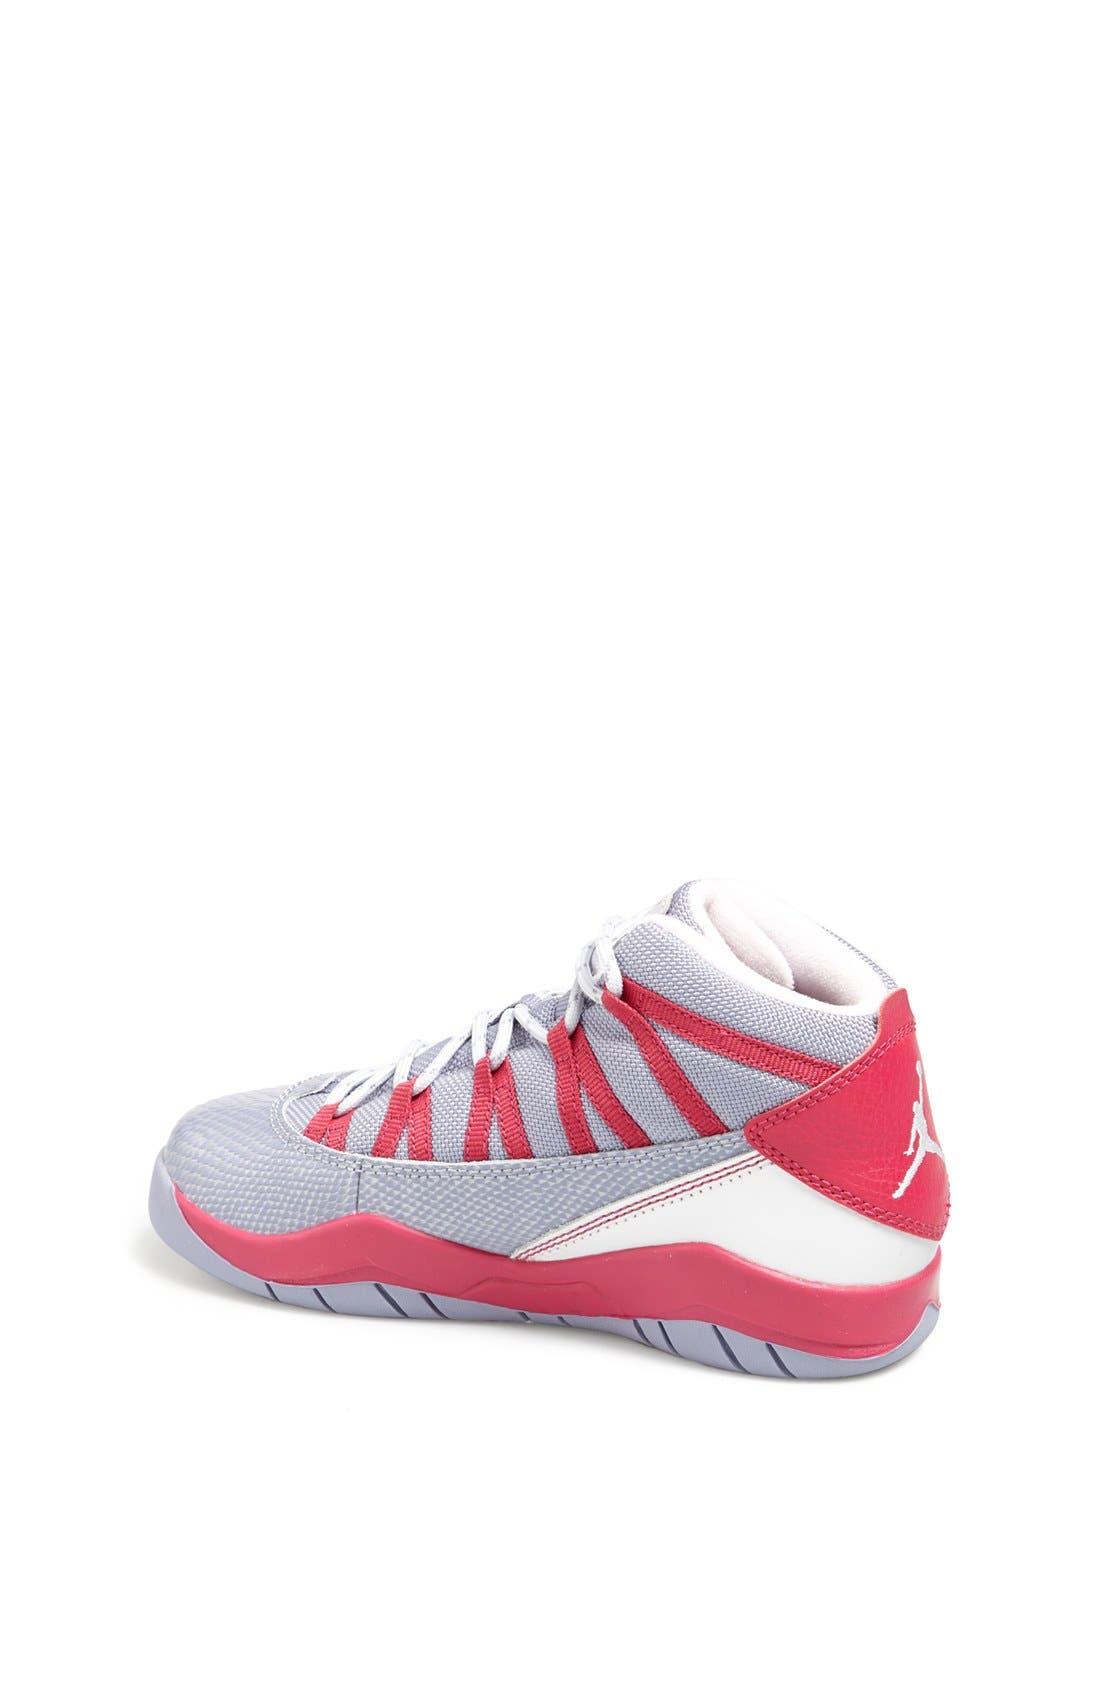 Alternate Image 2  - Nike 'Jordan Prime Flight' Basketball Shoe (Toddler & Little Kid)